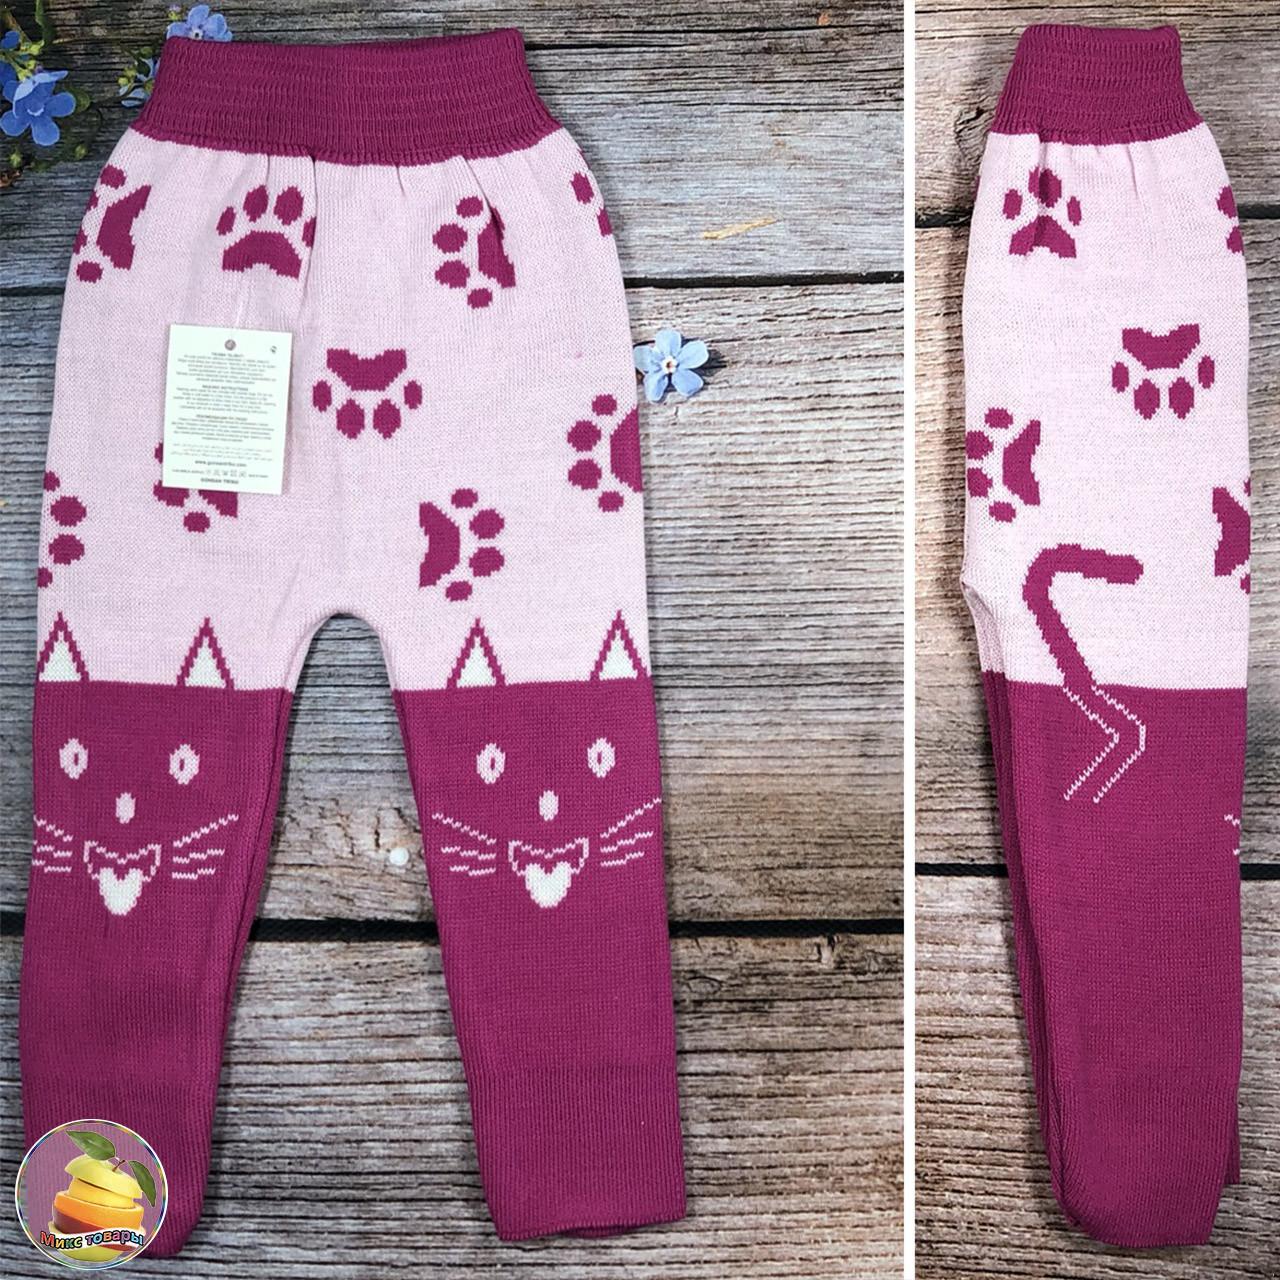 Вязанные лосины с кошечкой для детей Размеры: 1,2,3,4,5,6 лет (20990-4)